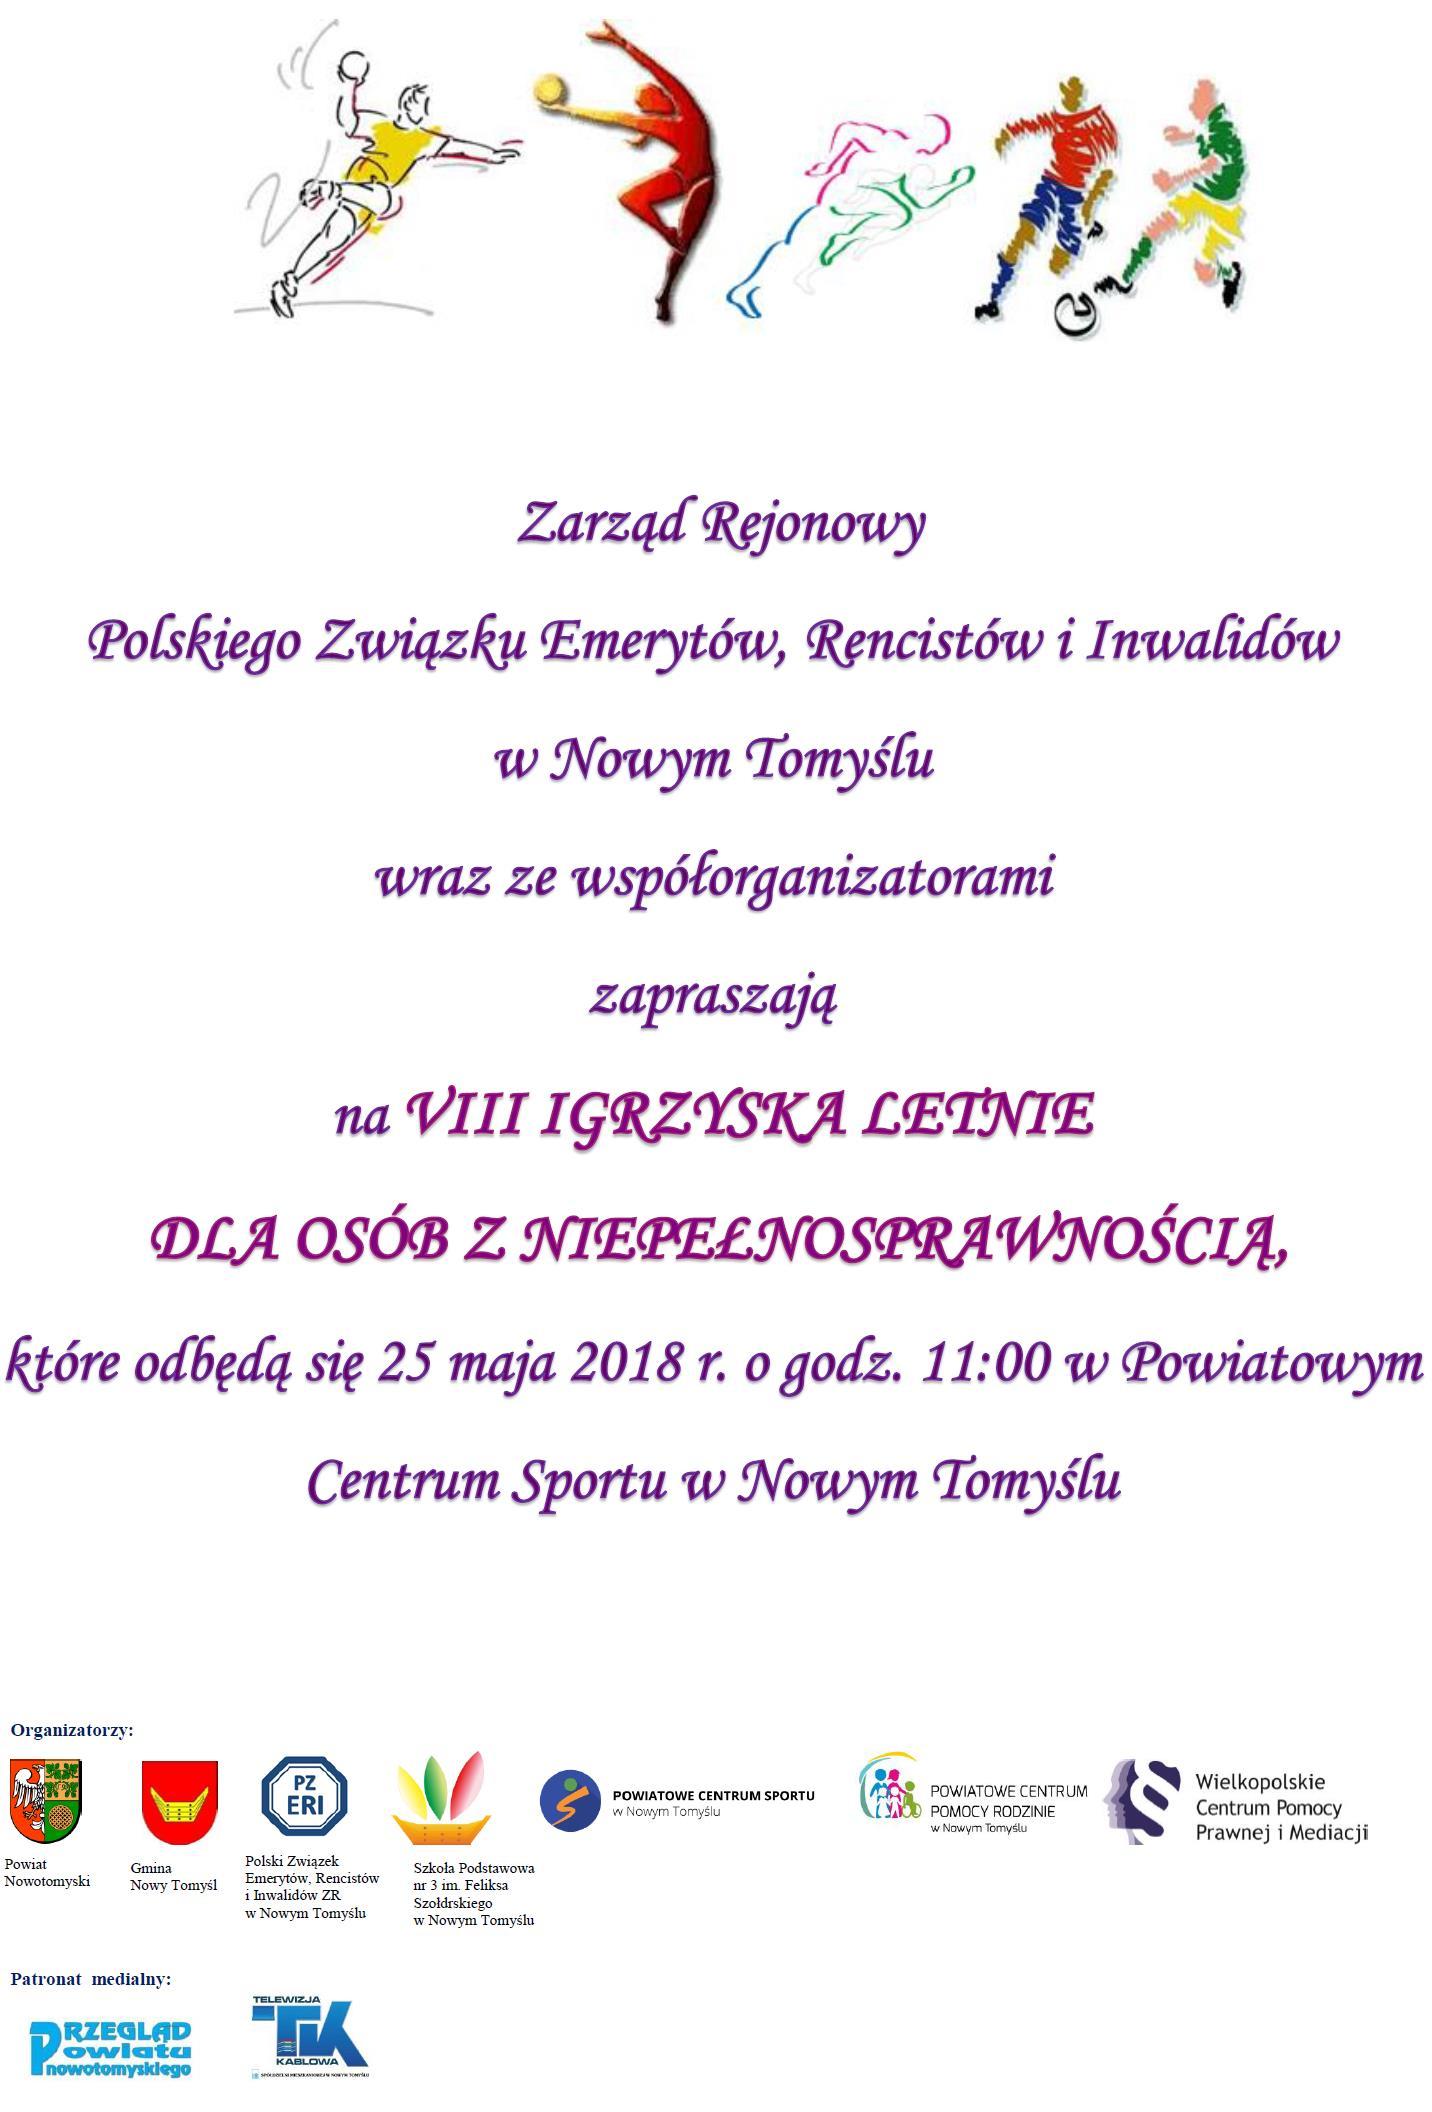 VIII Igrzyska Letnie dla Osób z Niepełnosprawnością